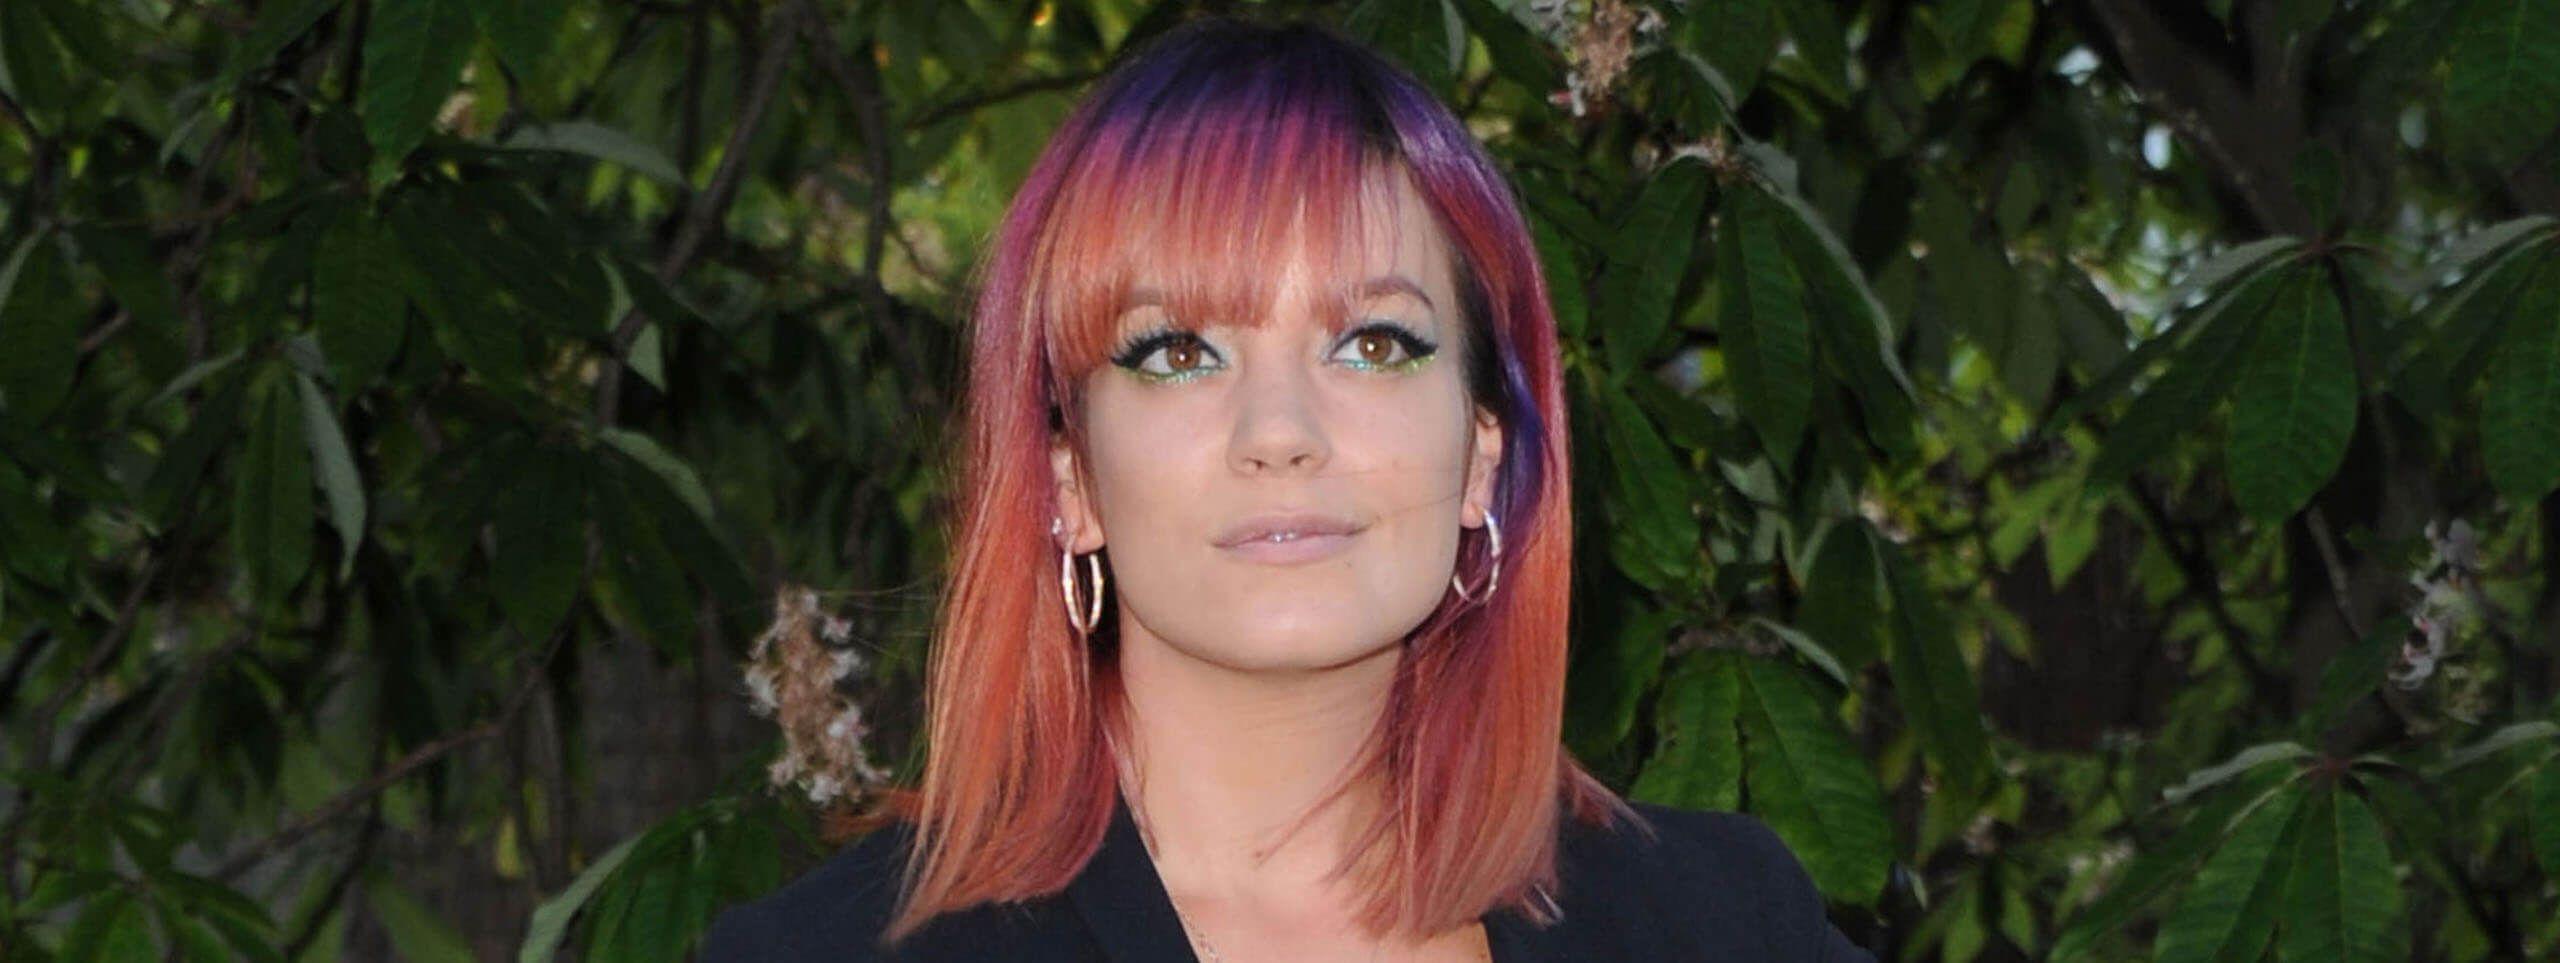 Kobieta z włosami w odcieniach czerwieni i fioletu